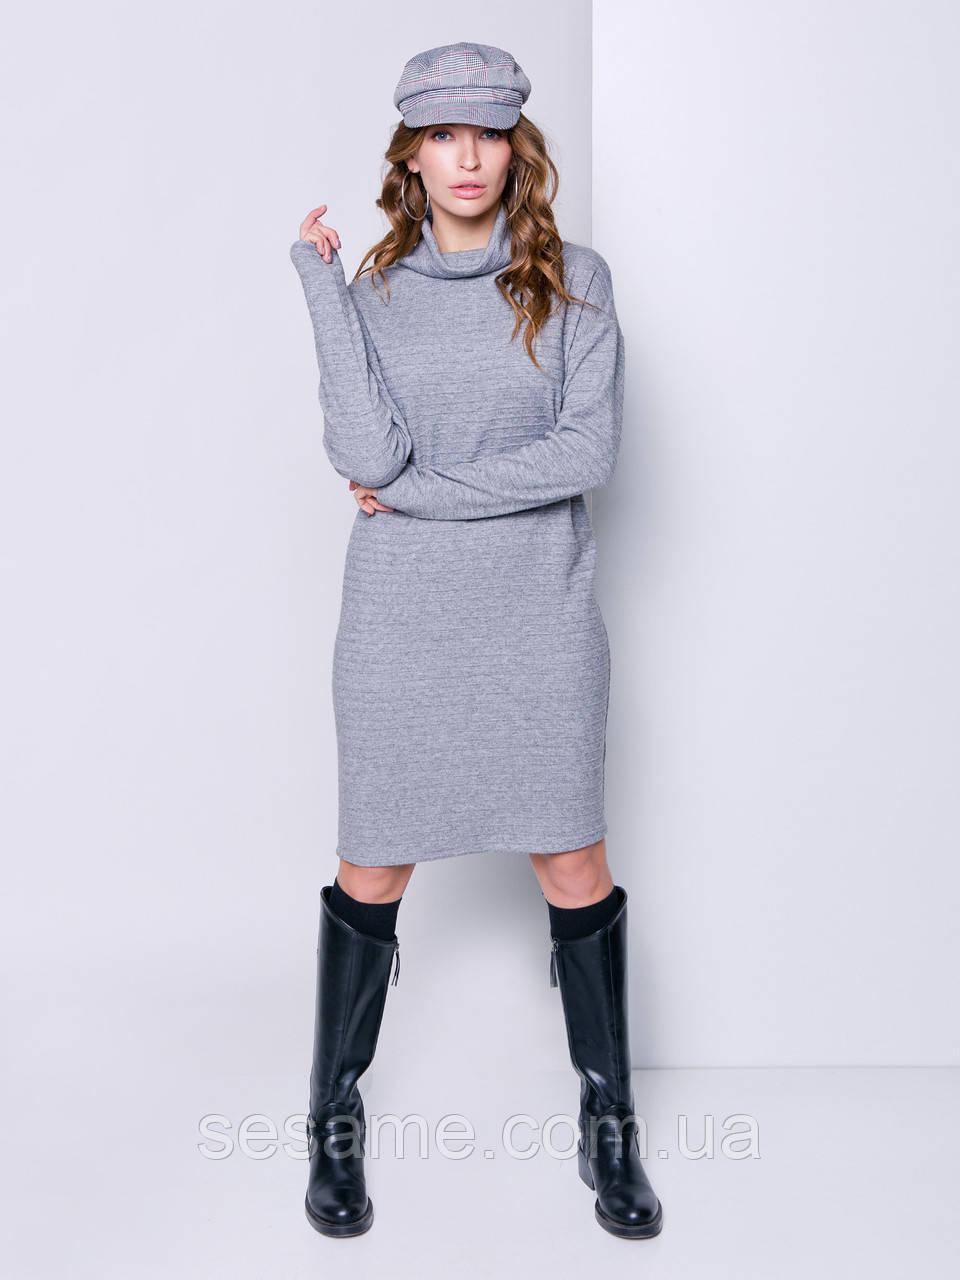 grand ua Вестон платье-свитер